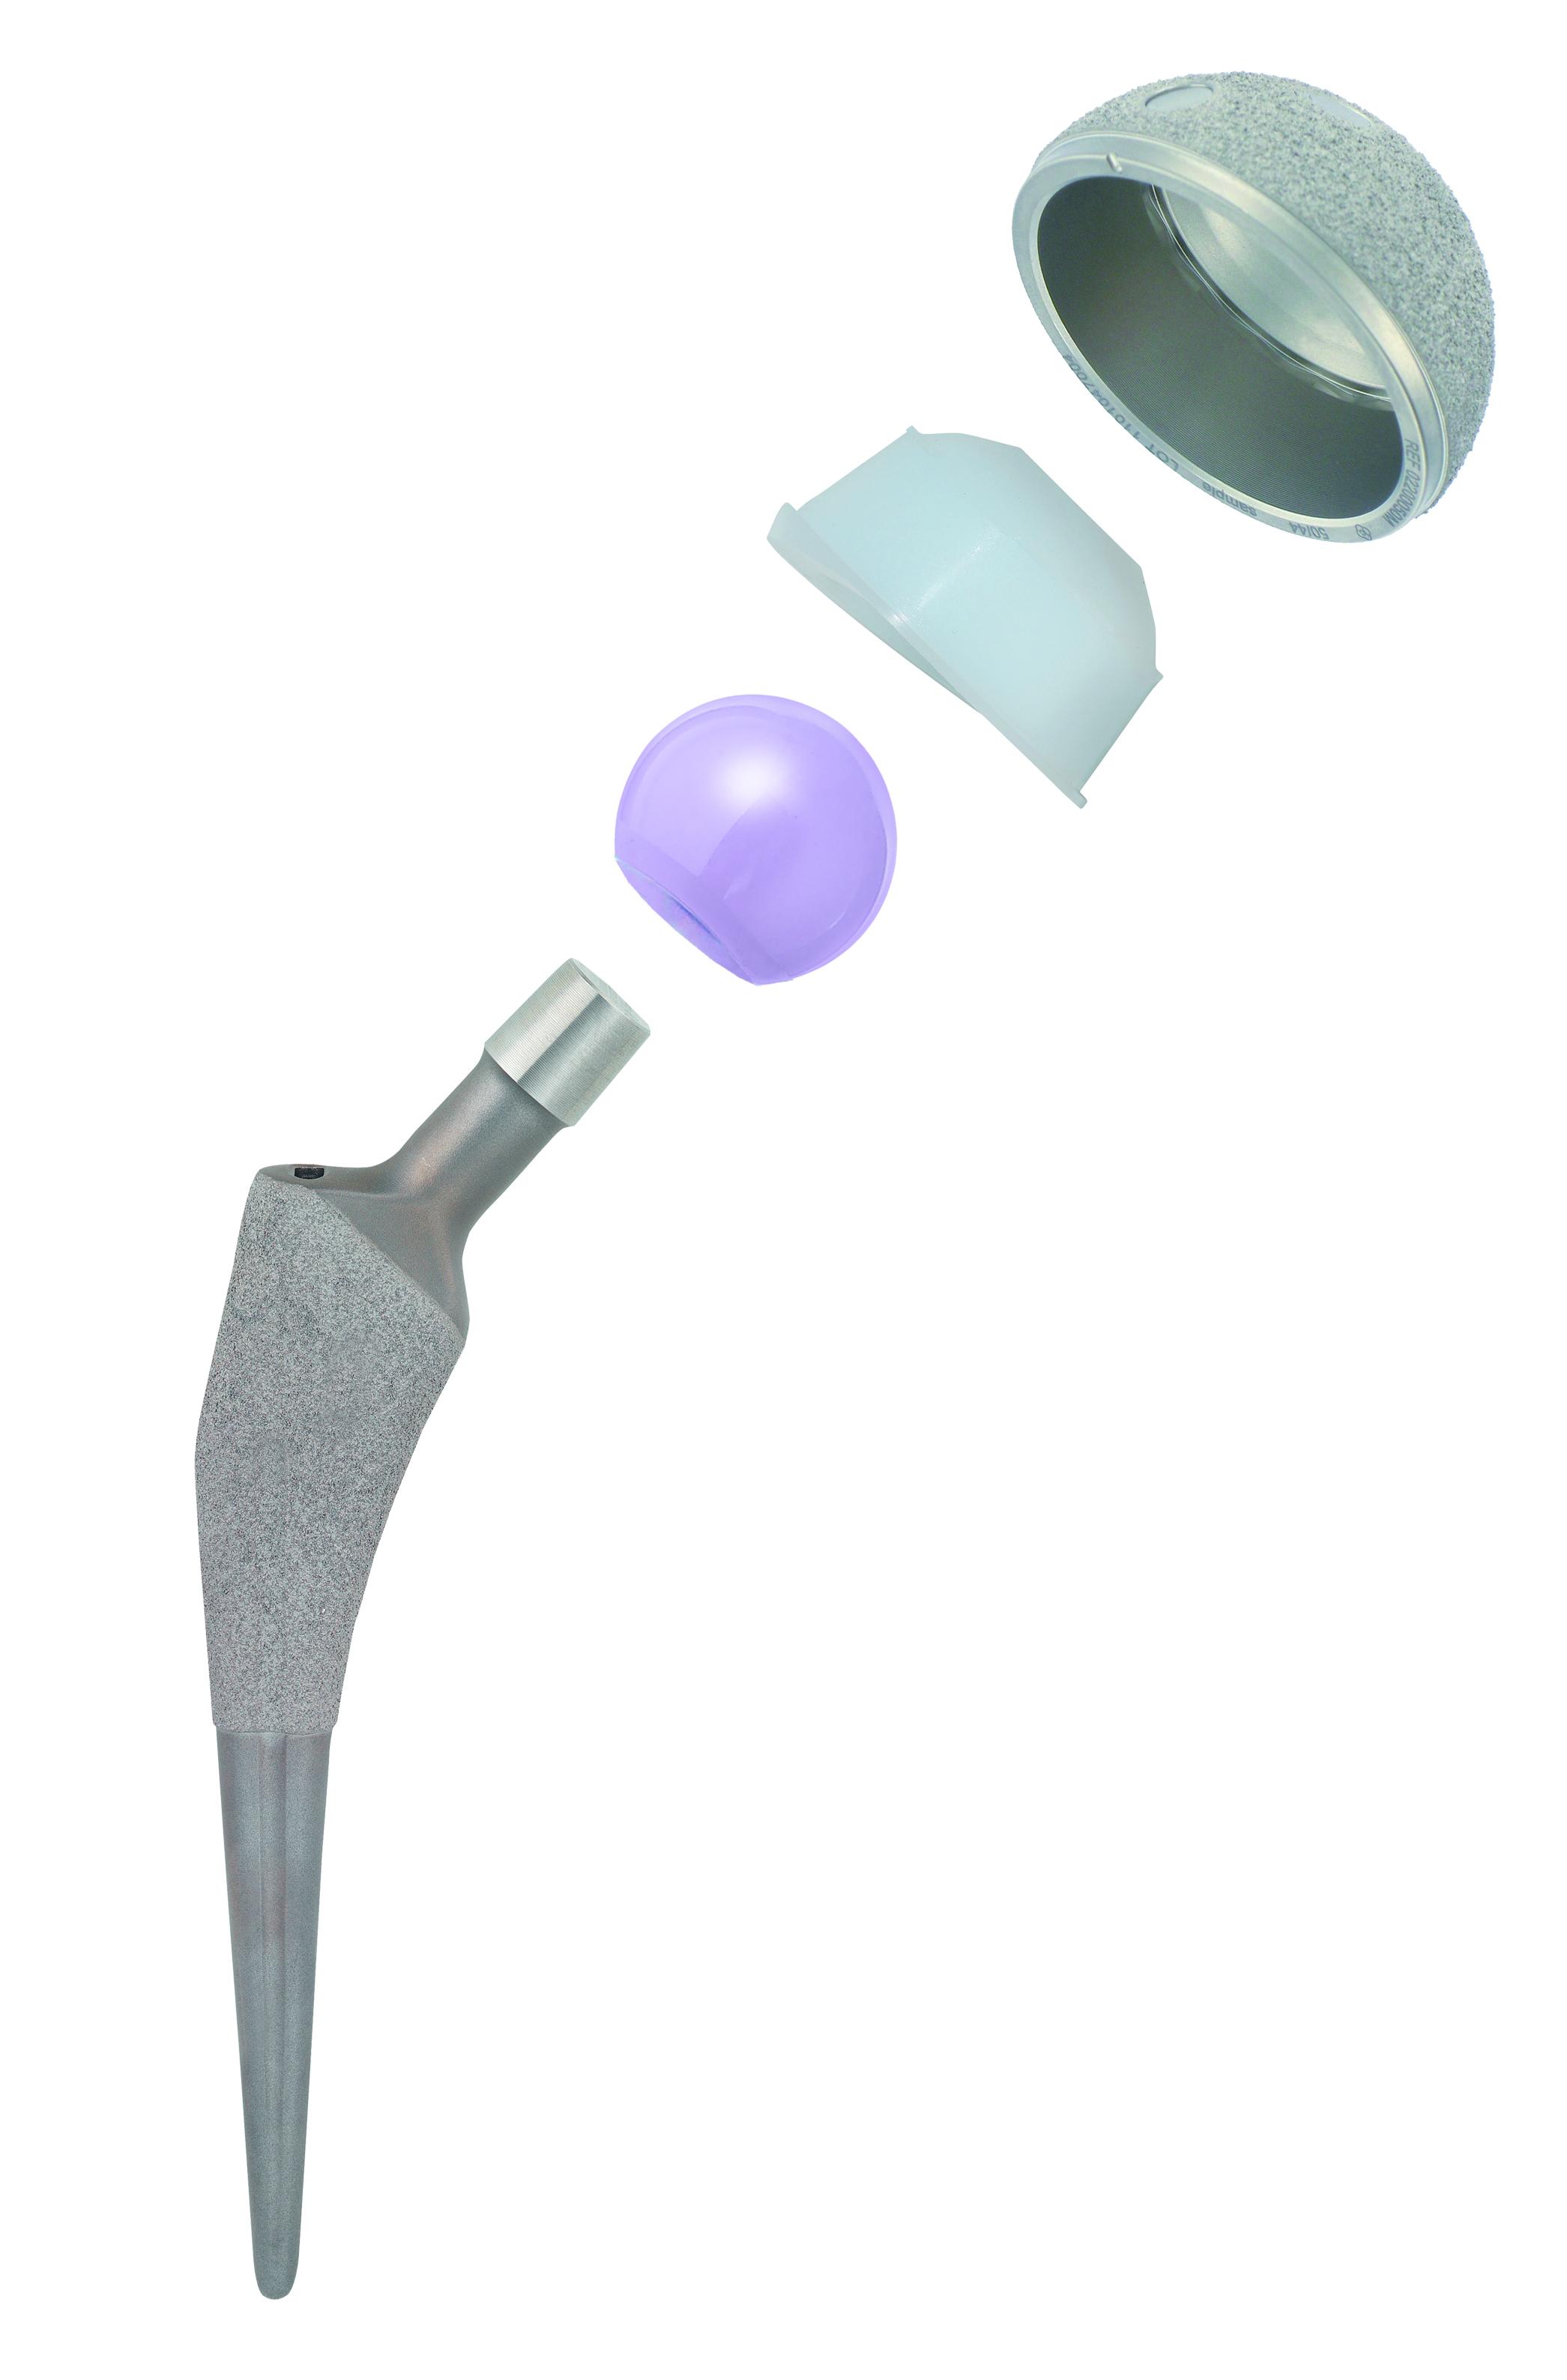 Эндопротез тазобедренного сустав- индивидуальный подбор модели и материала  для пациента   ortoped-klinik.com